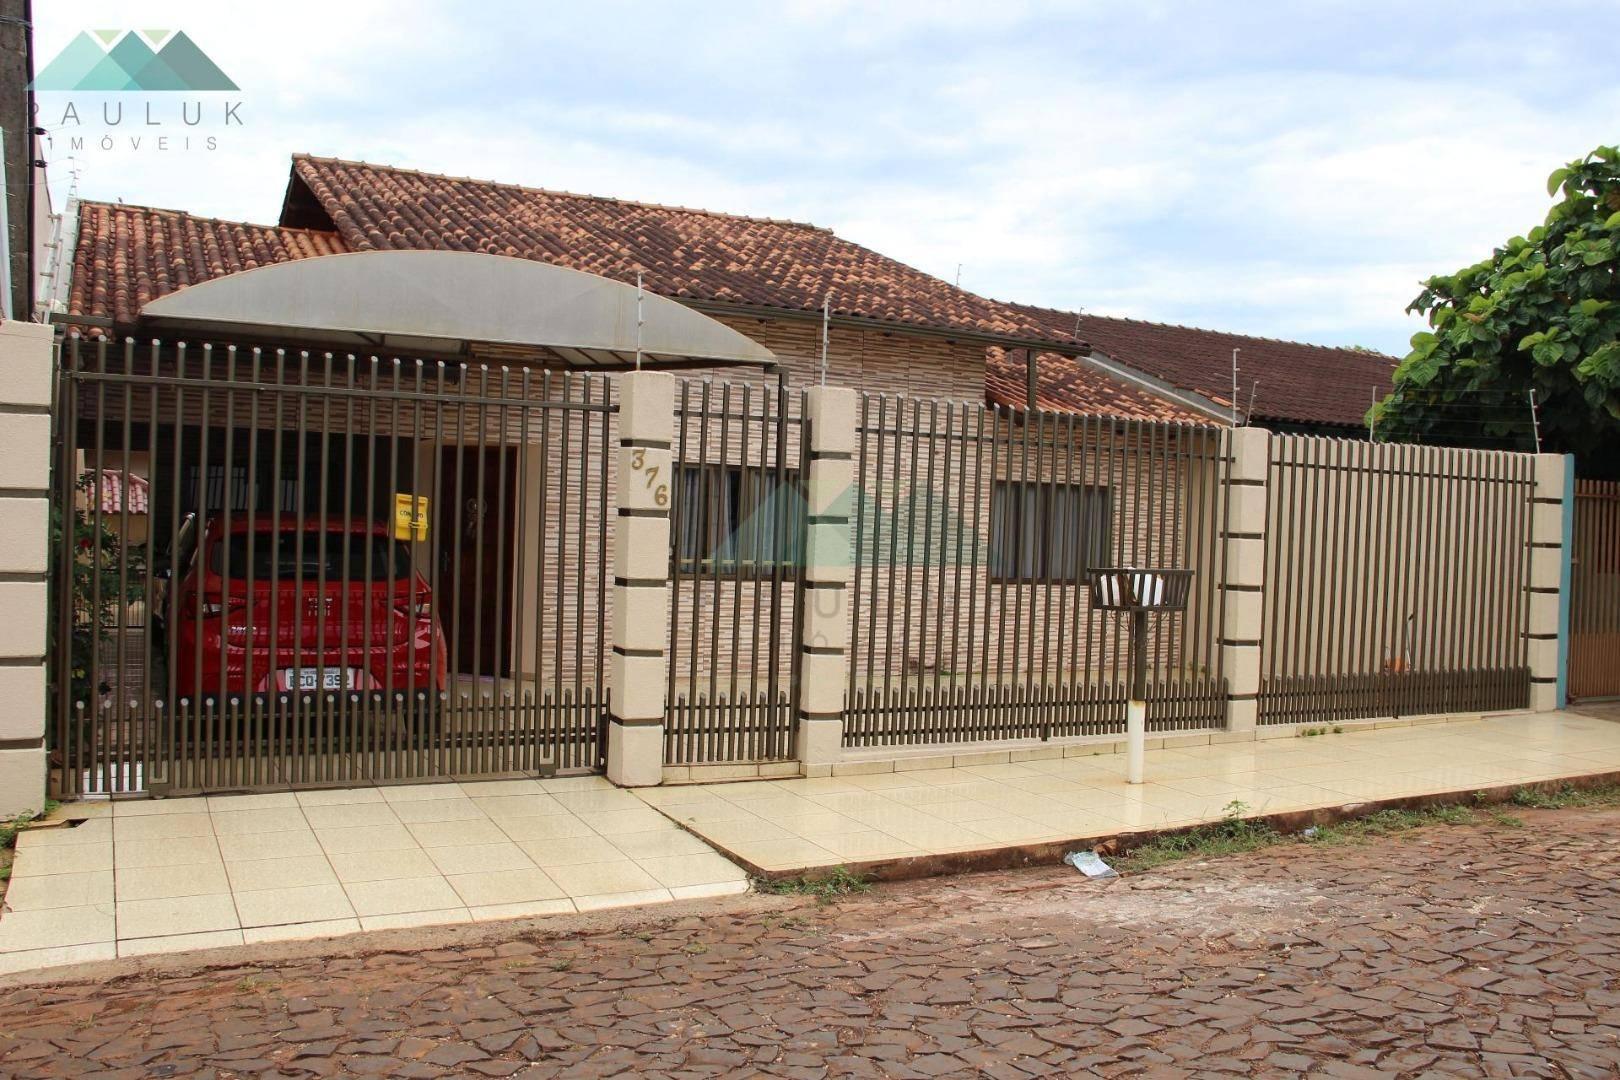 Casa à Venda, 200 M² Por R$ 480.000,00 - Loteamento Lindóia - Foz do Iguaçu/pr | PAULUK IMÓVEIS | Portal OBusca